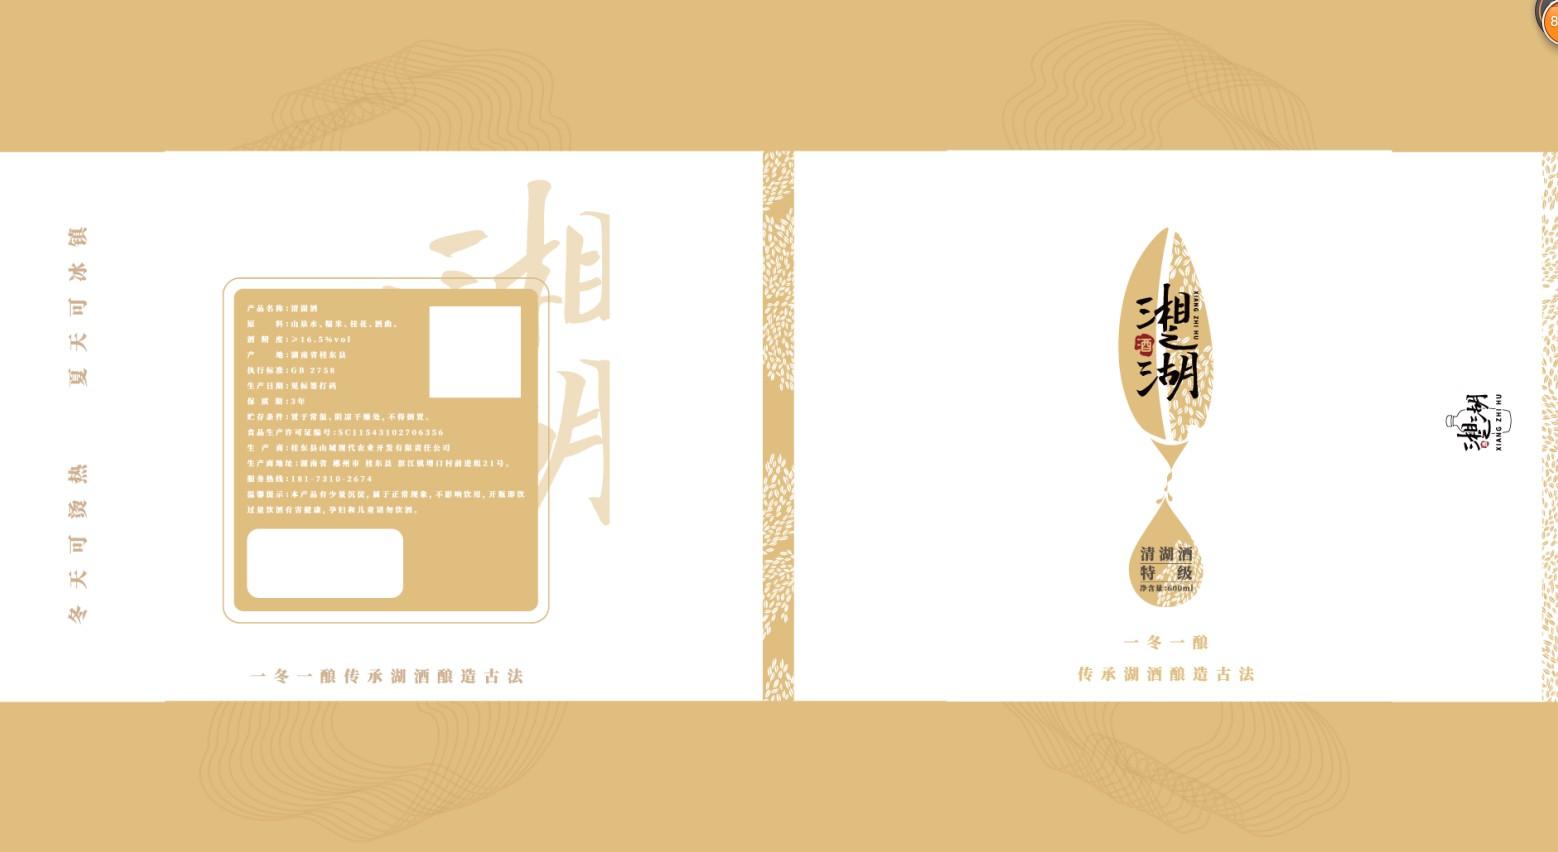 桂东县山城现代农业开发有限责任公司+酒类+P201101560-1